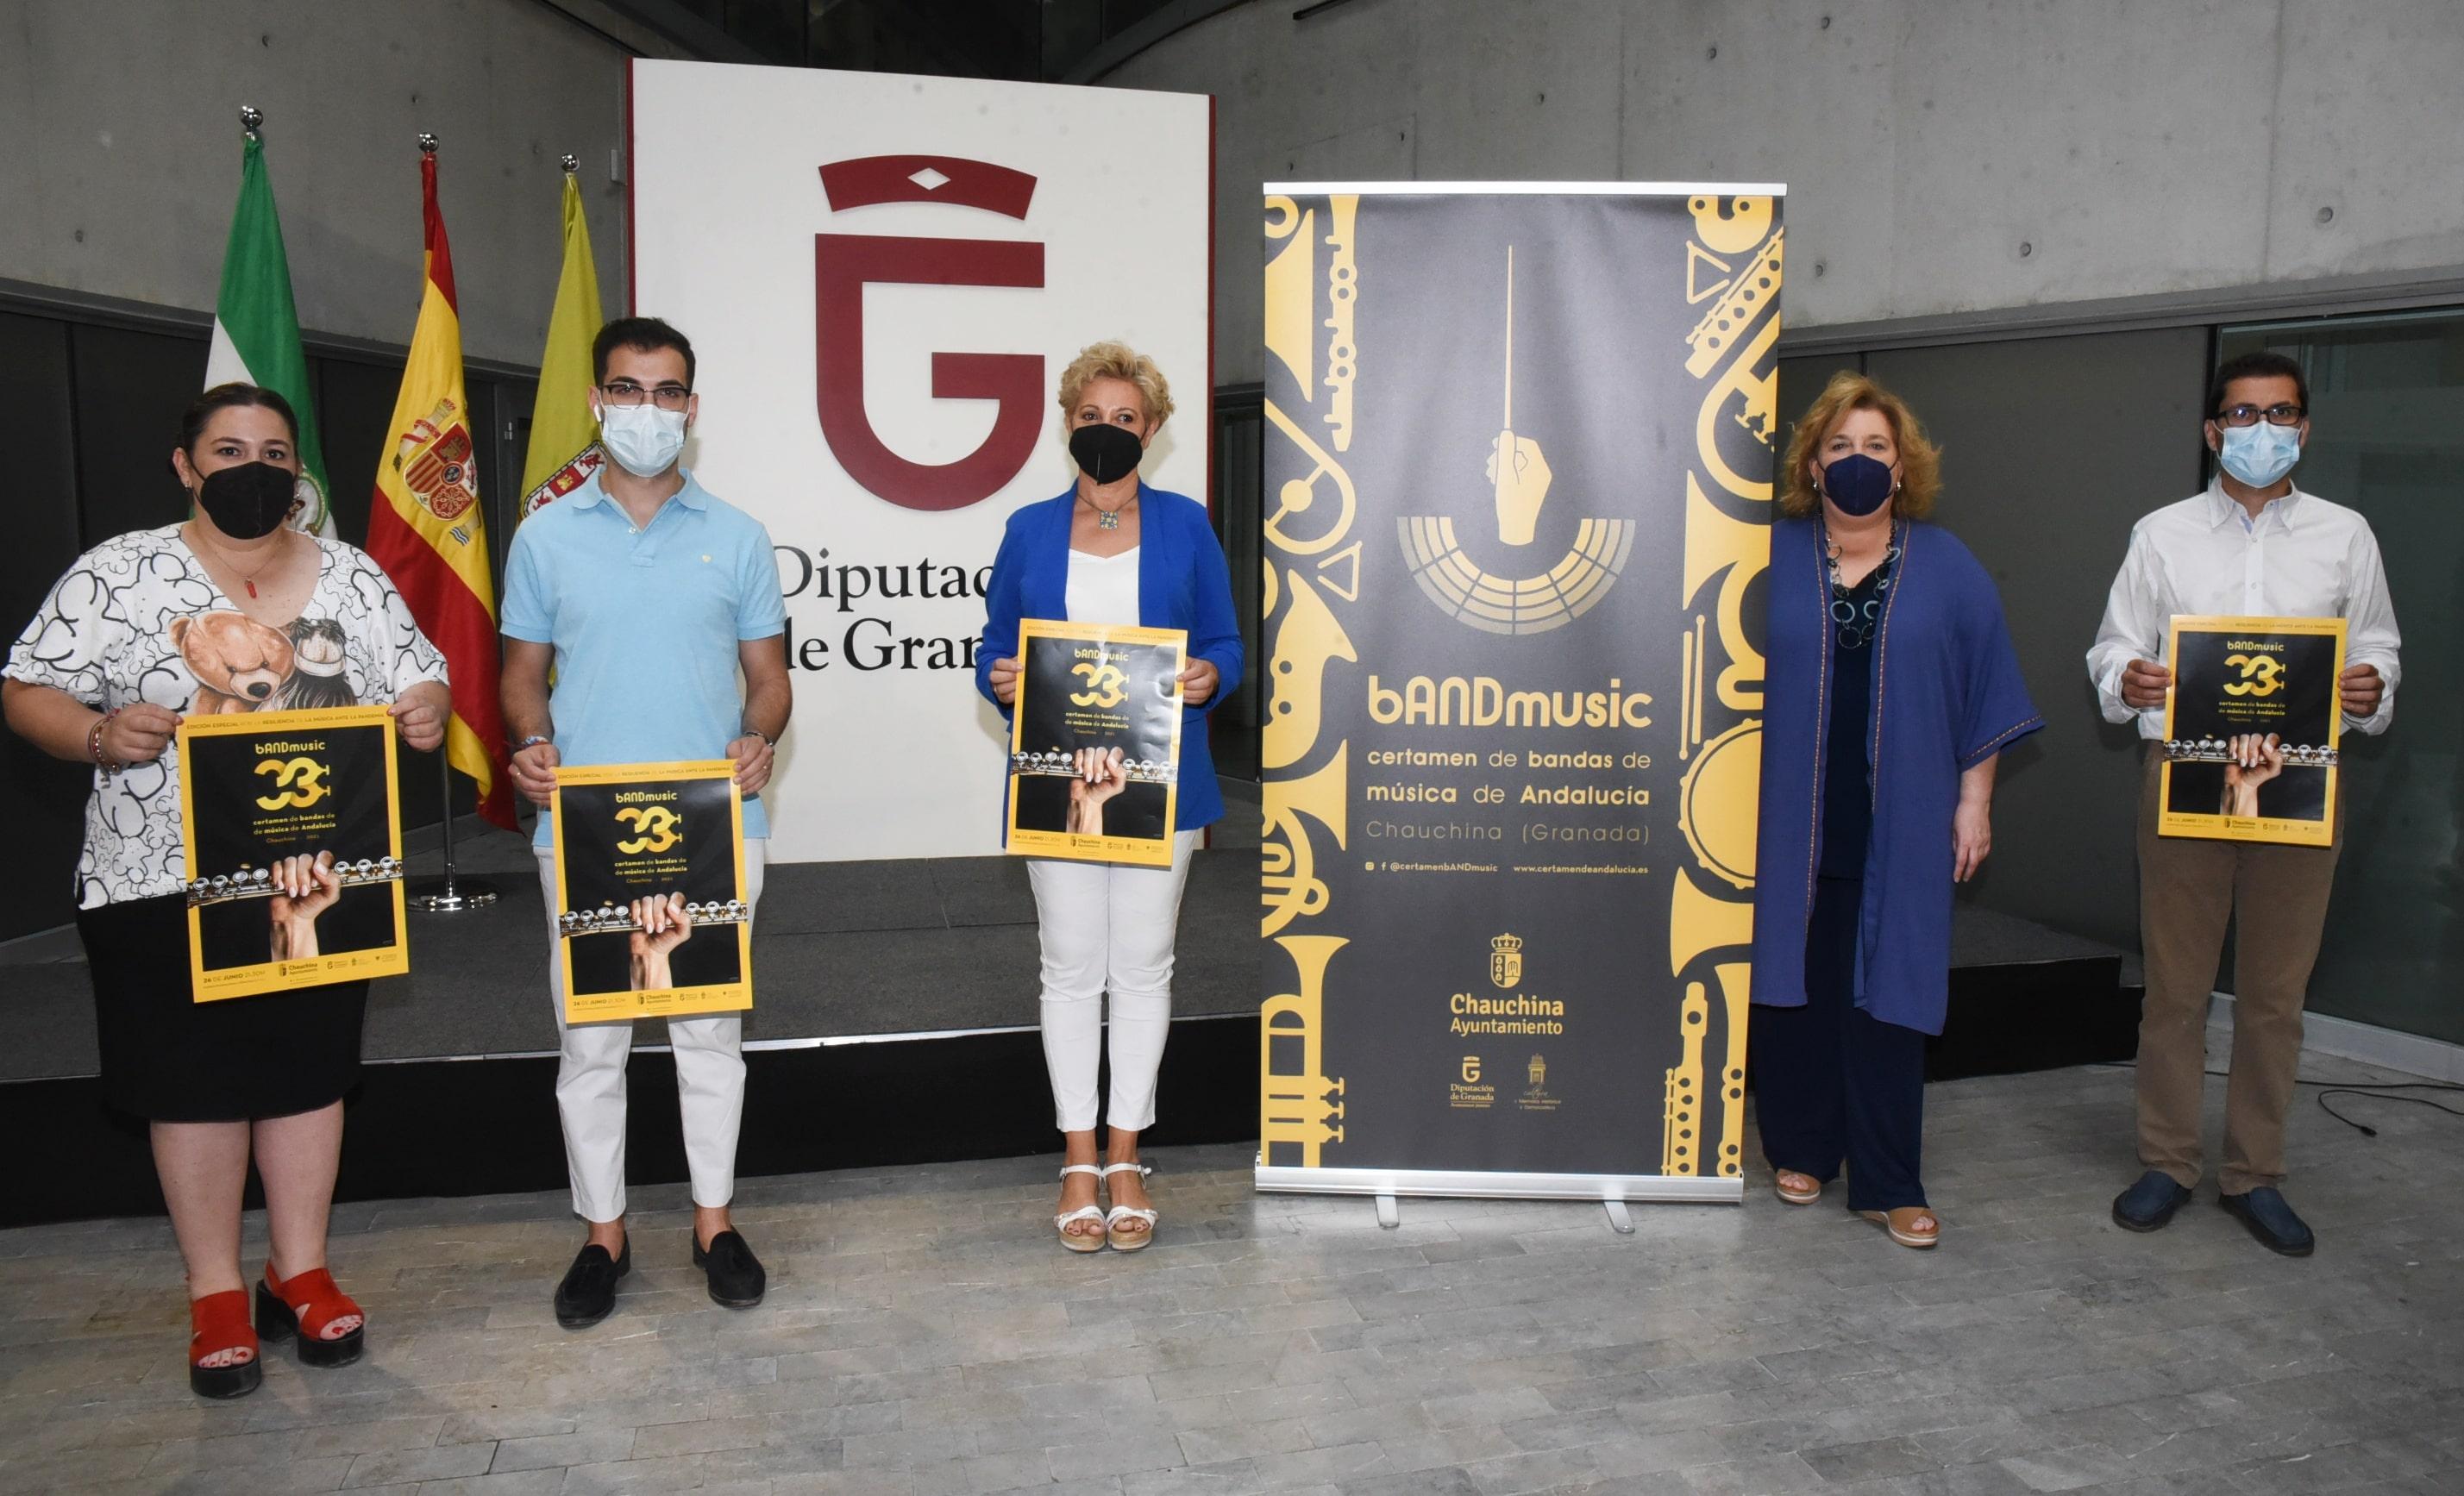 El Certamen de Bandas de Chauchina homenajeará a los sanitarios y recordará a las víctimas de la pandemia